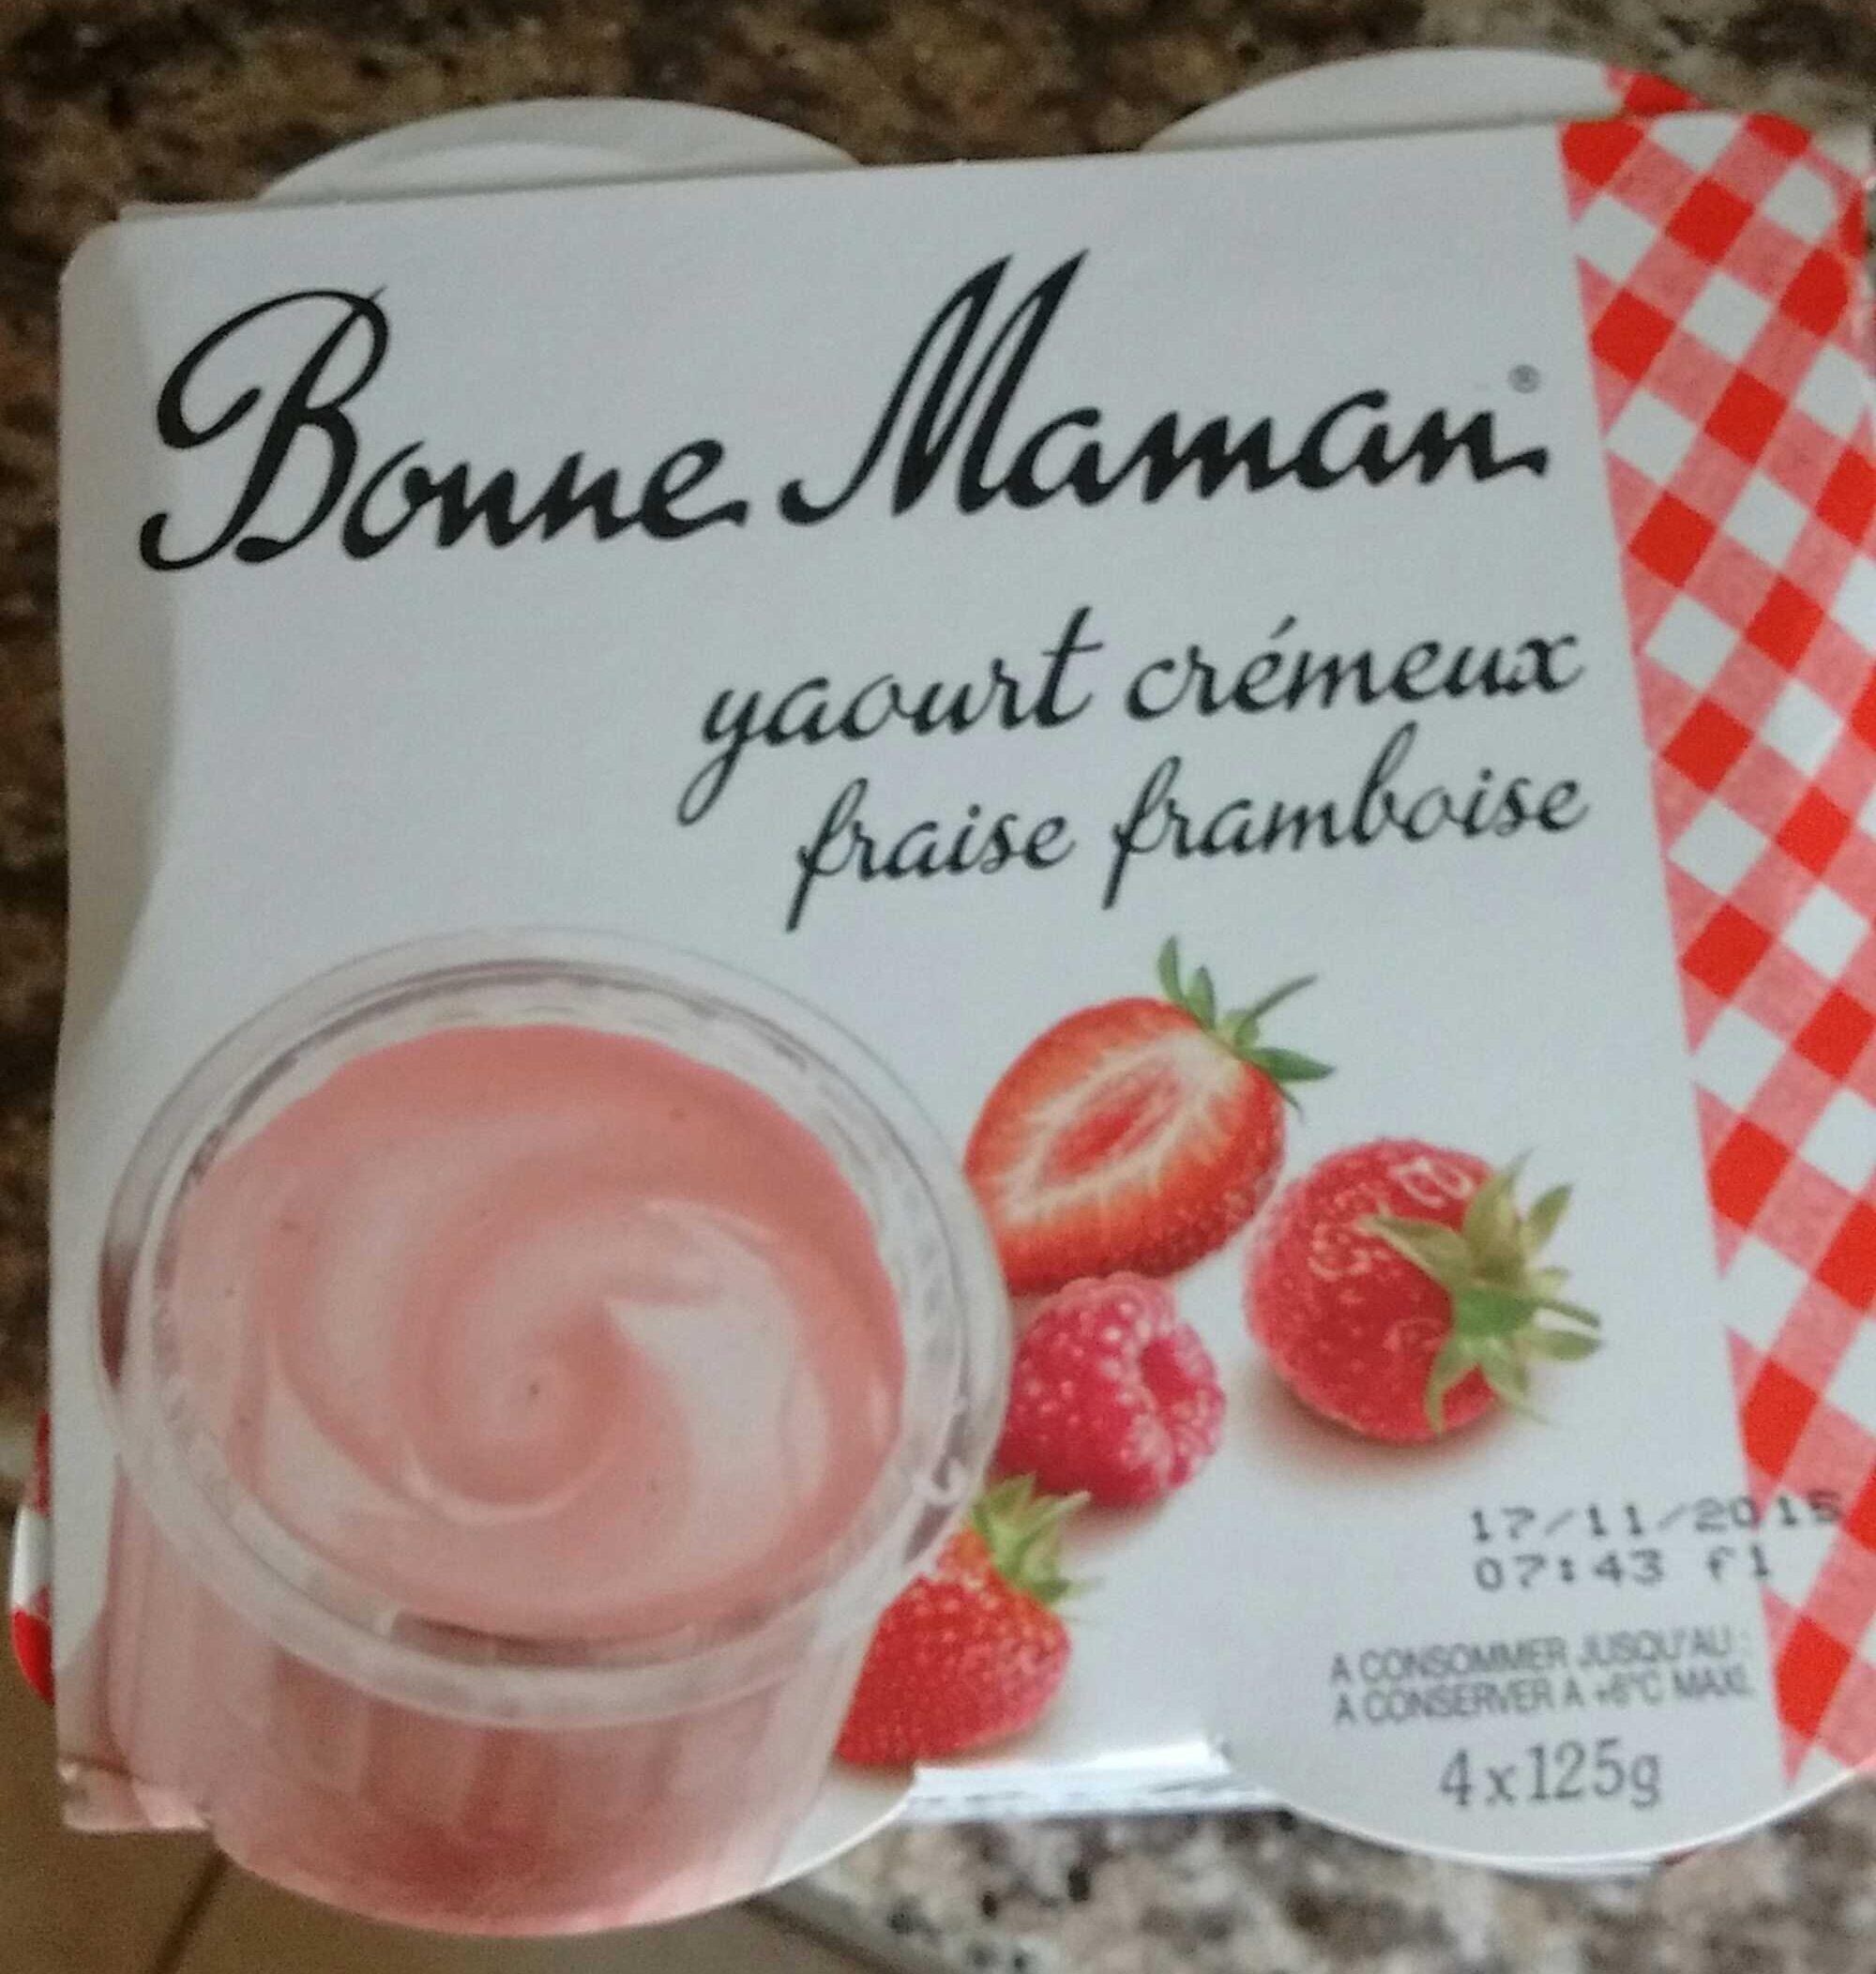 Yaourt crémeux fraise framboise - Product